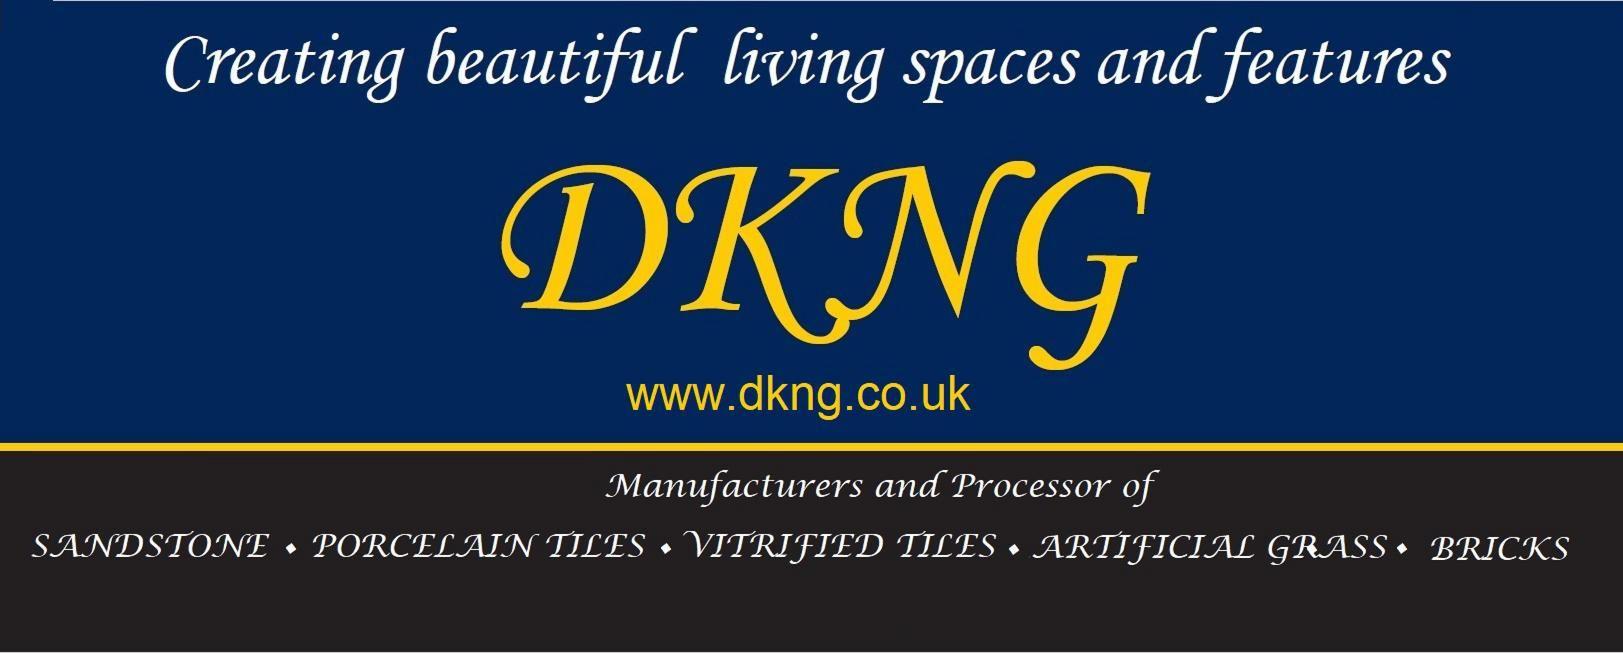 DKNG Ltd